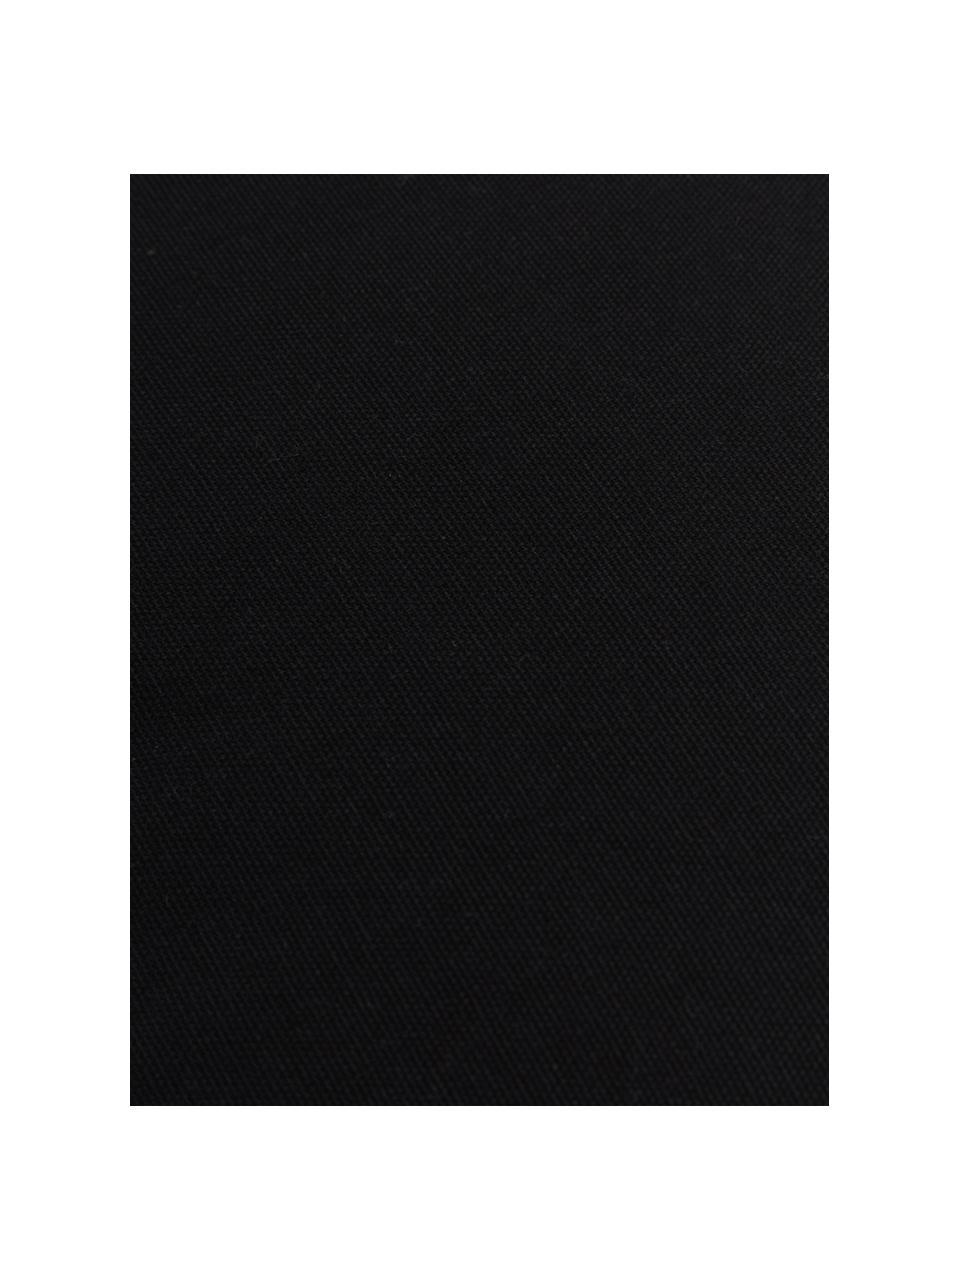 Sitzkissen Zoey in Schwarz, Bezug: 100% Baumwolle, Schwarz, 40 x 40 cm